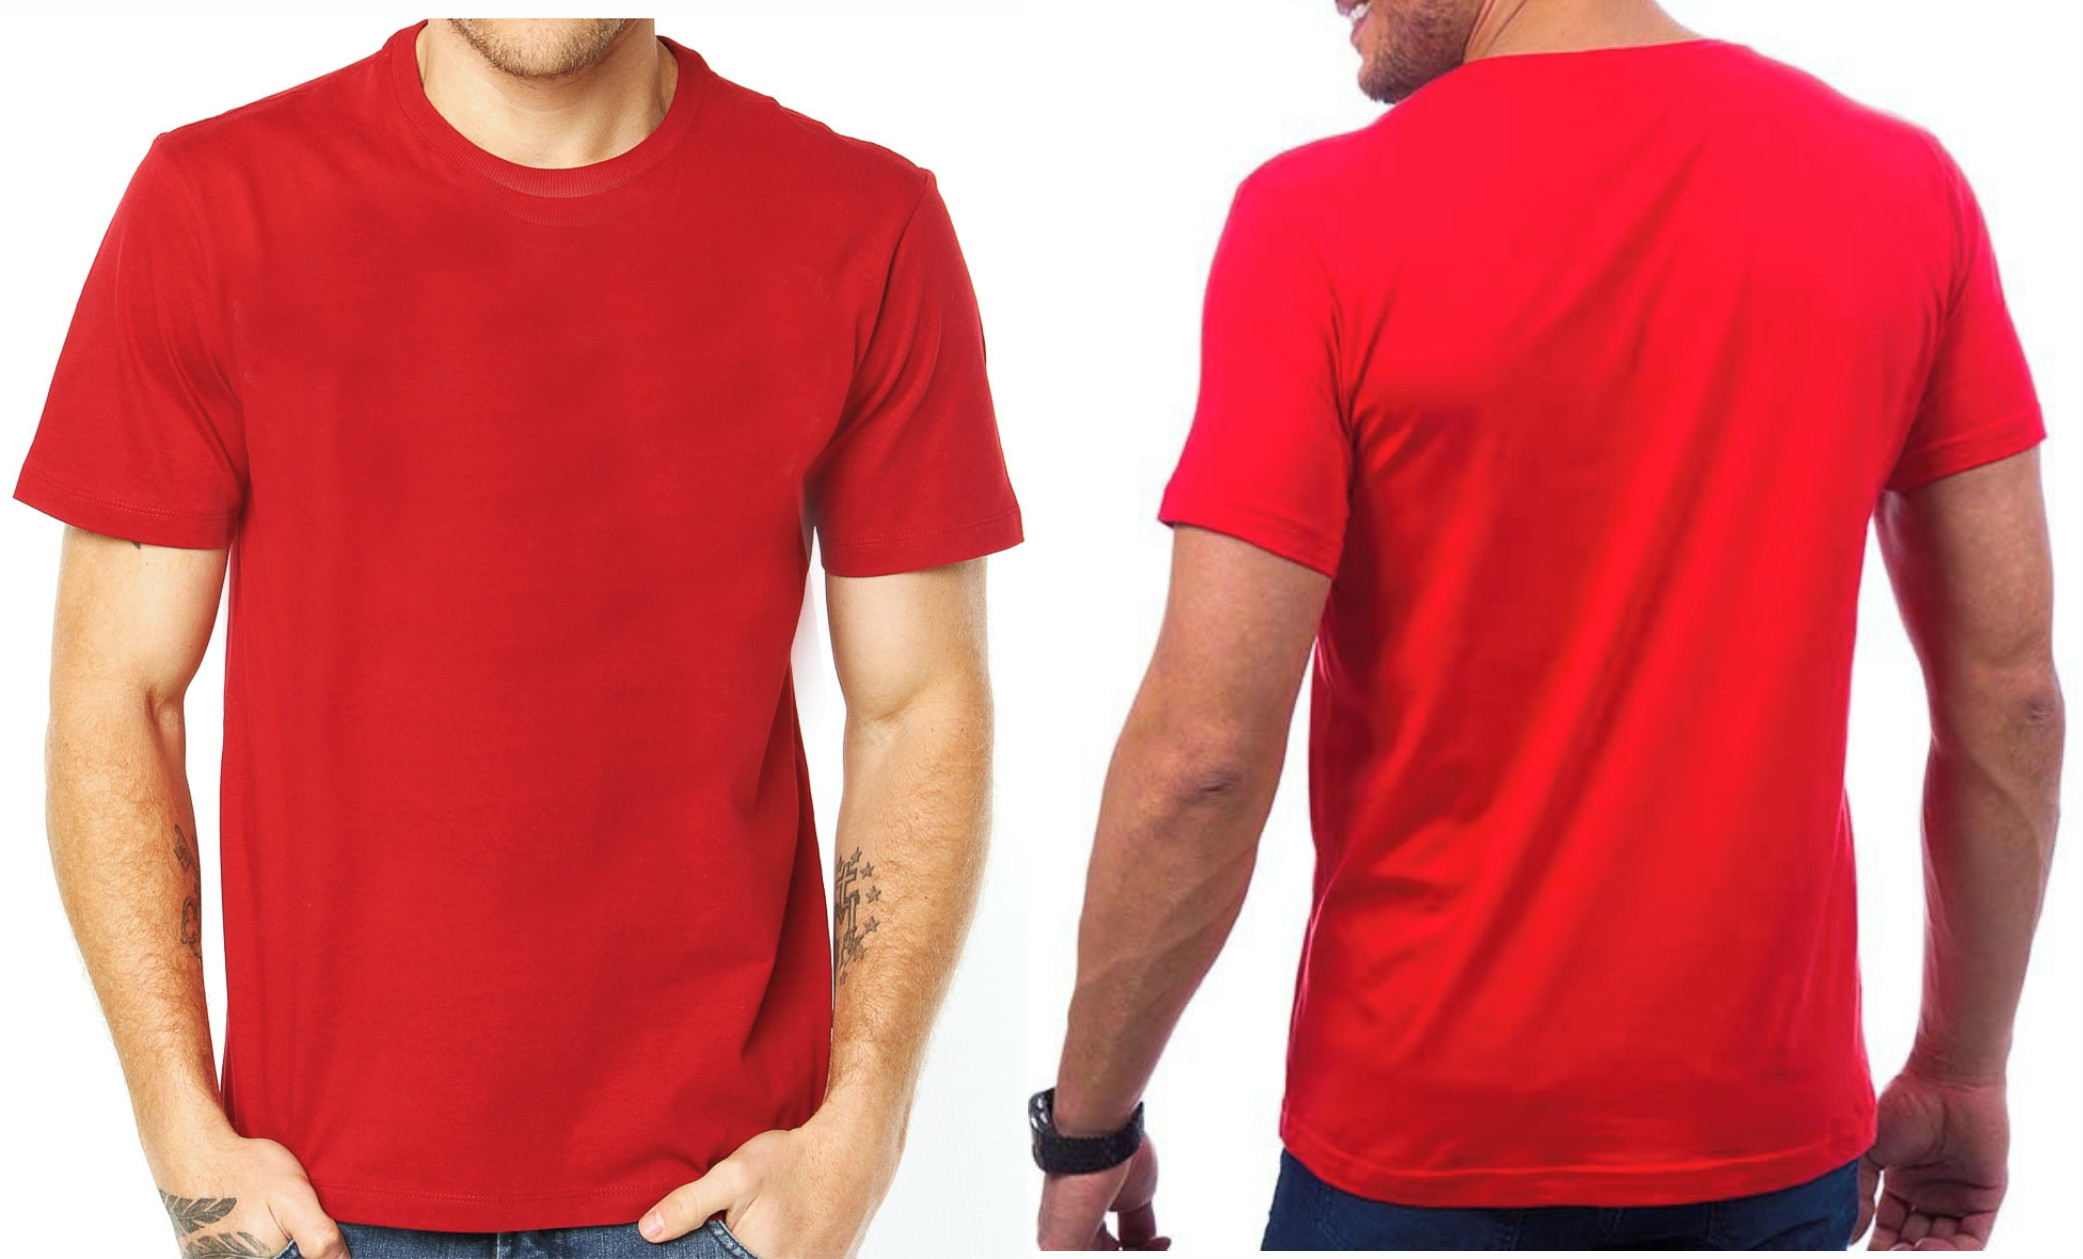 Kit c 10 Camisetas Atacado Lisa 100% Algodão - Branca no Elo7 ... 05dc2a1cd4ee9